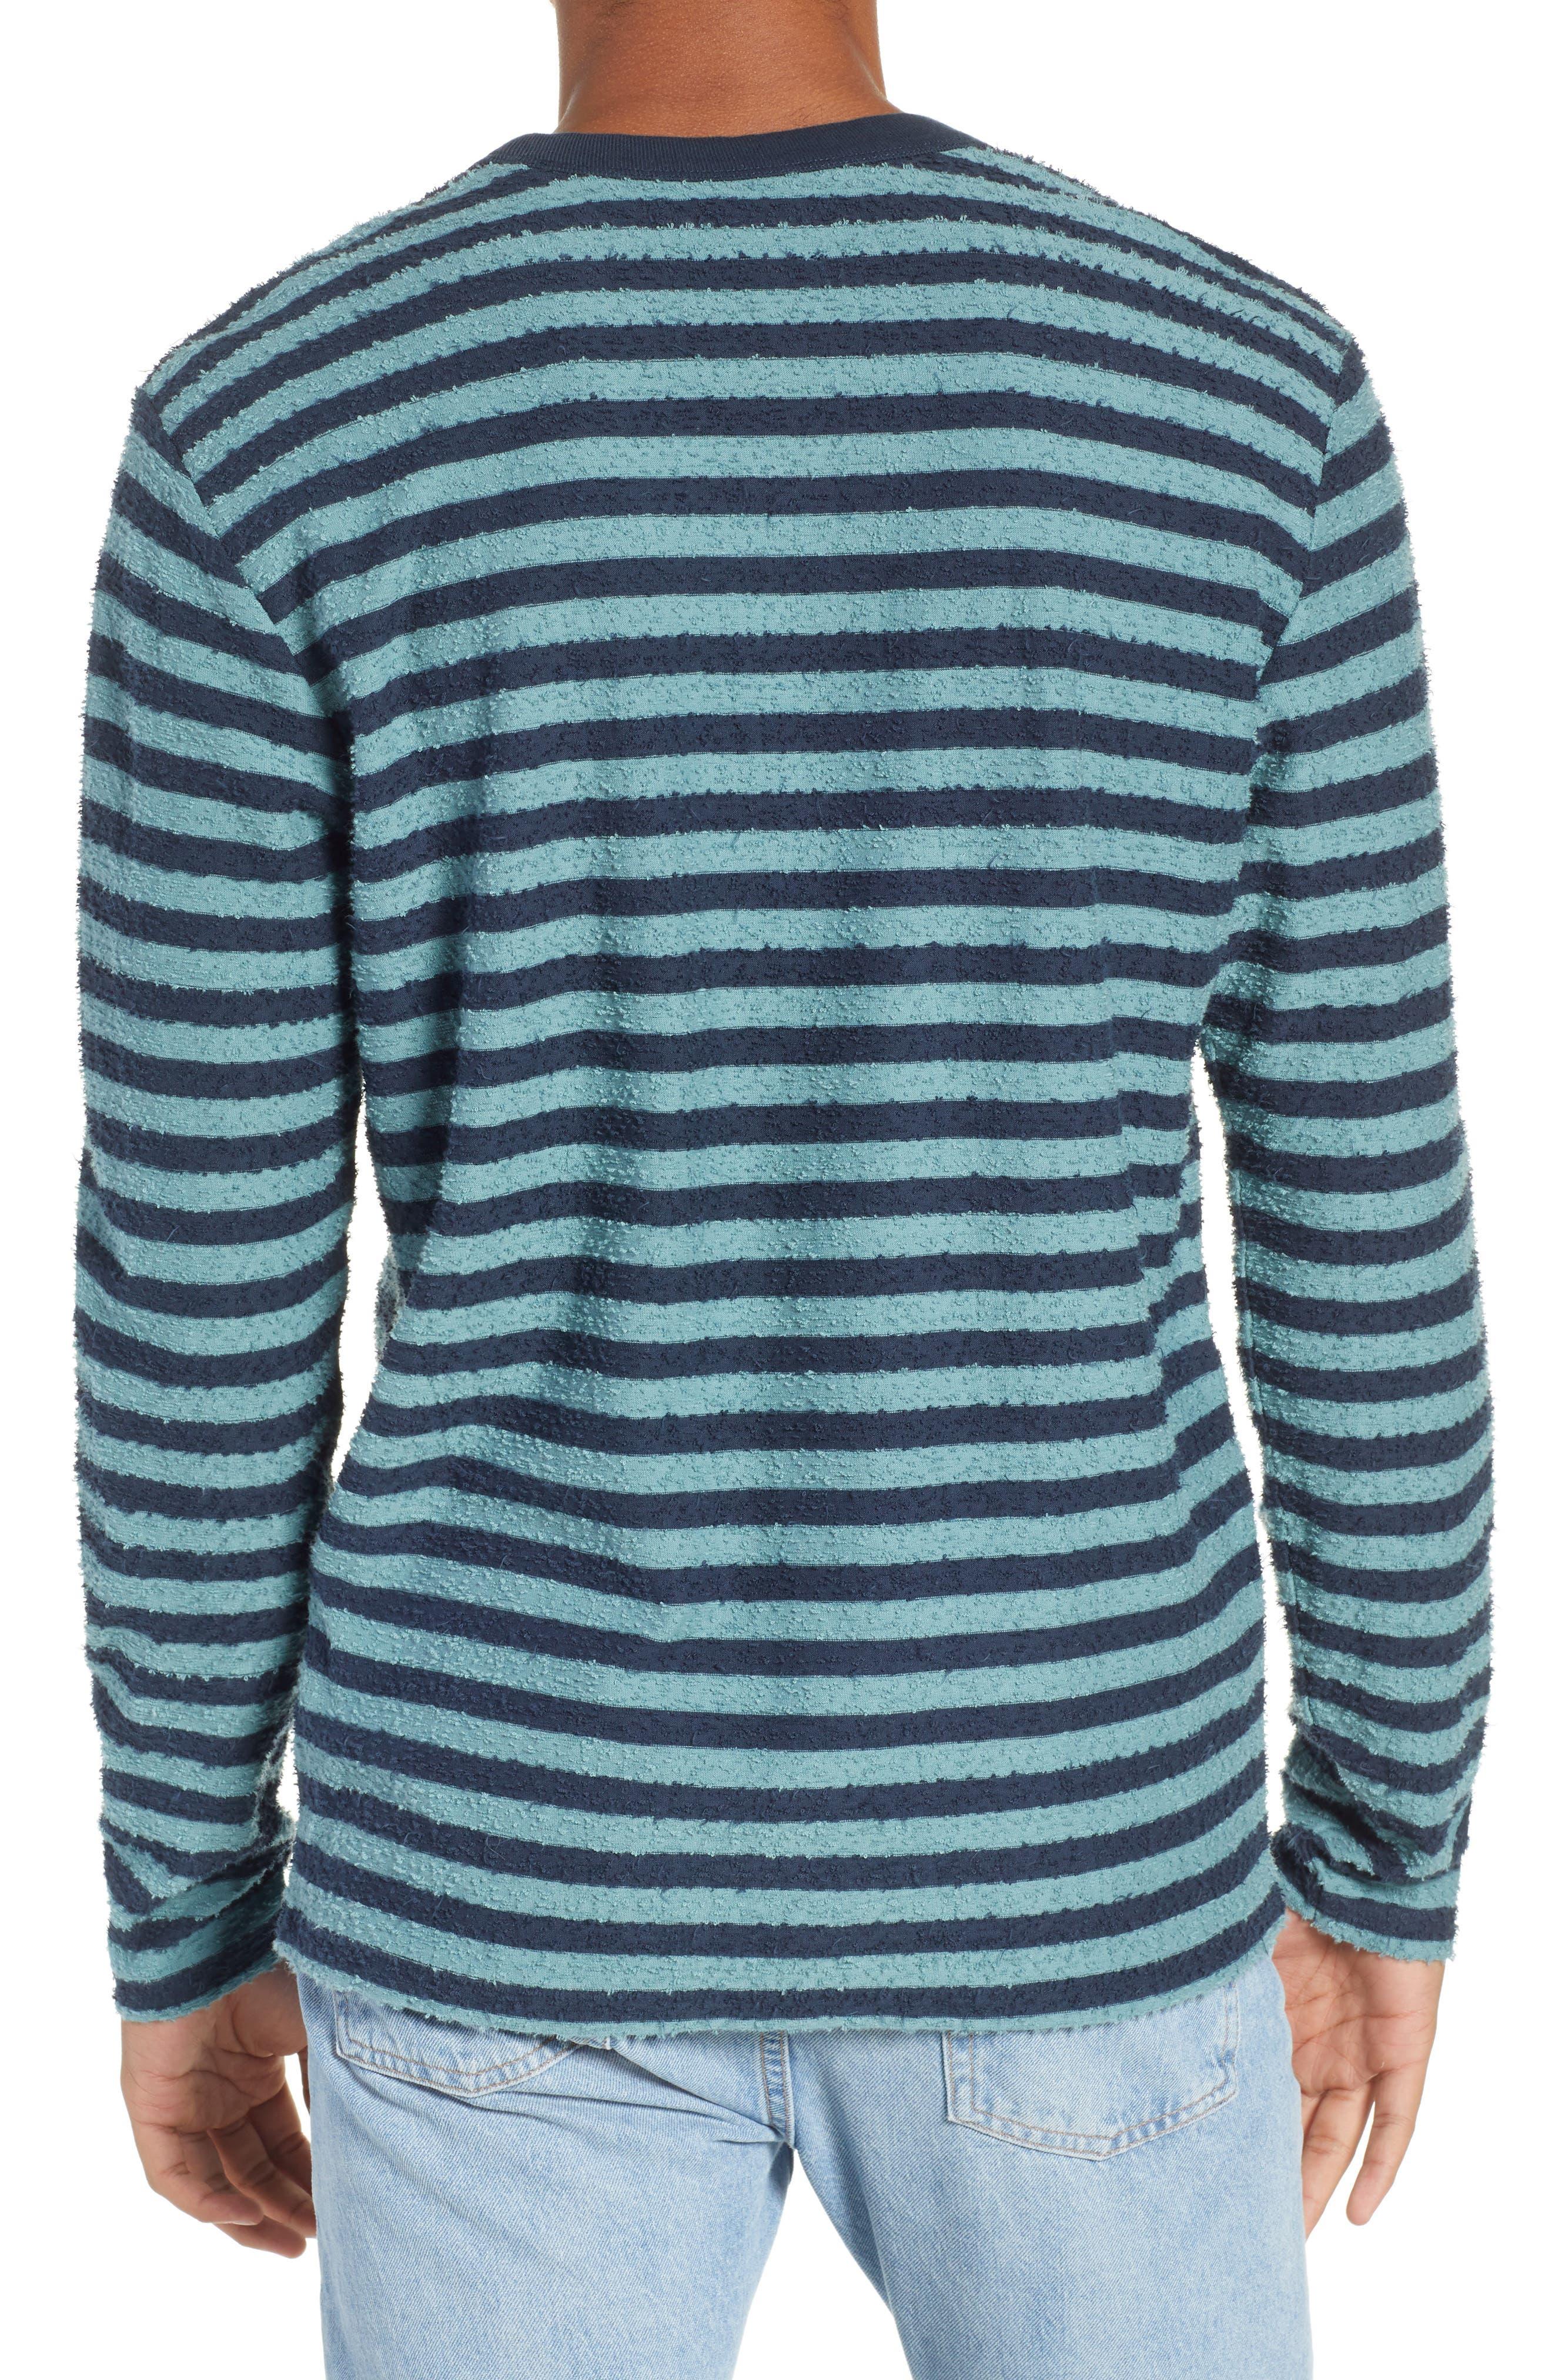 Stripe Slub T-Shirt,                             Alternate thumbnail 2, color,                             ARCTIC TONY